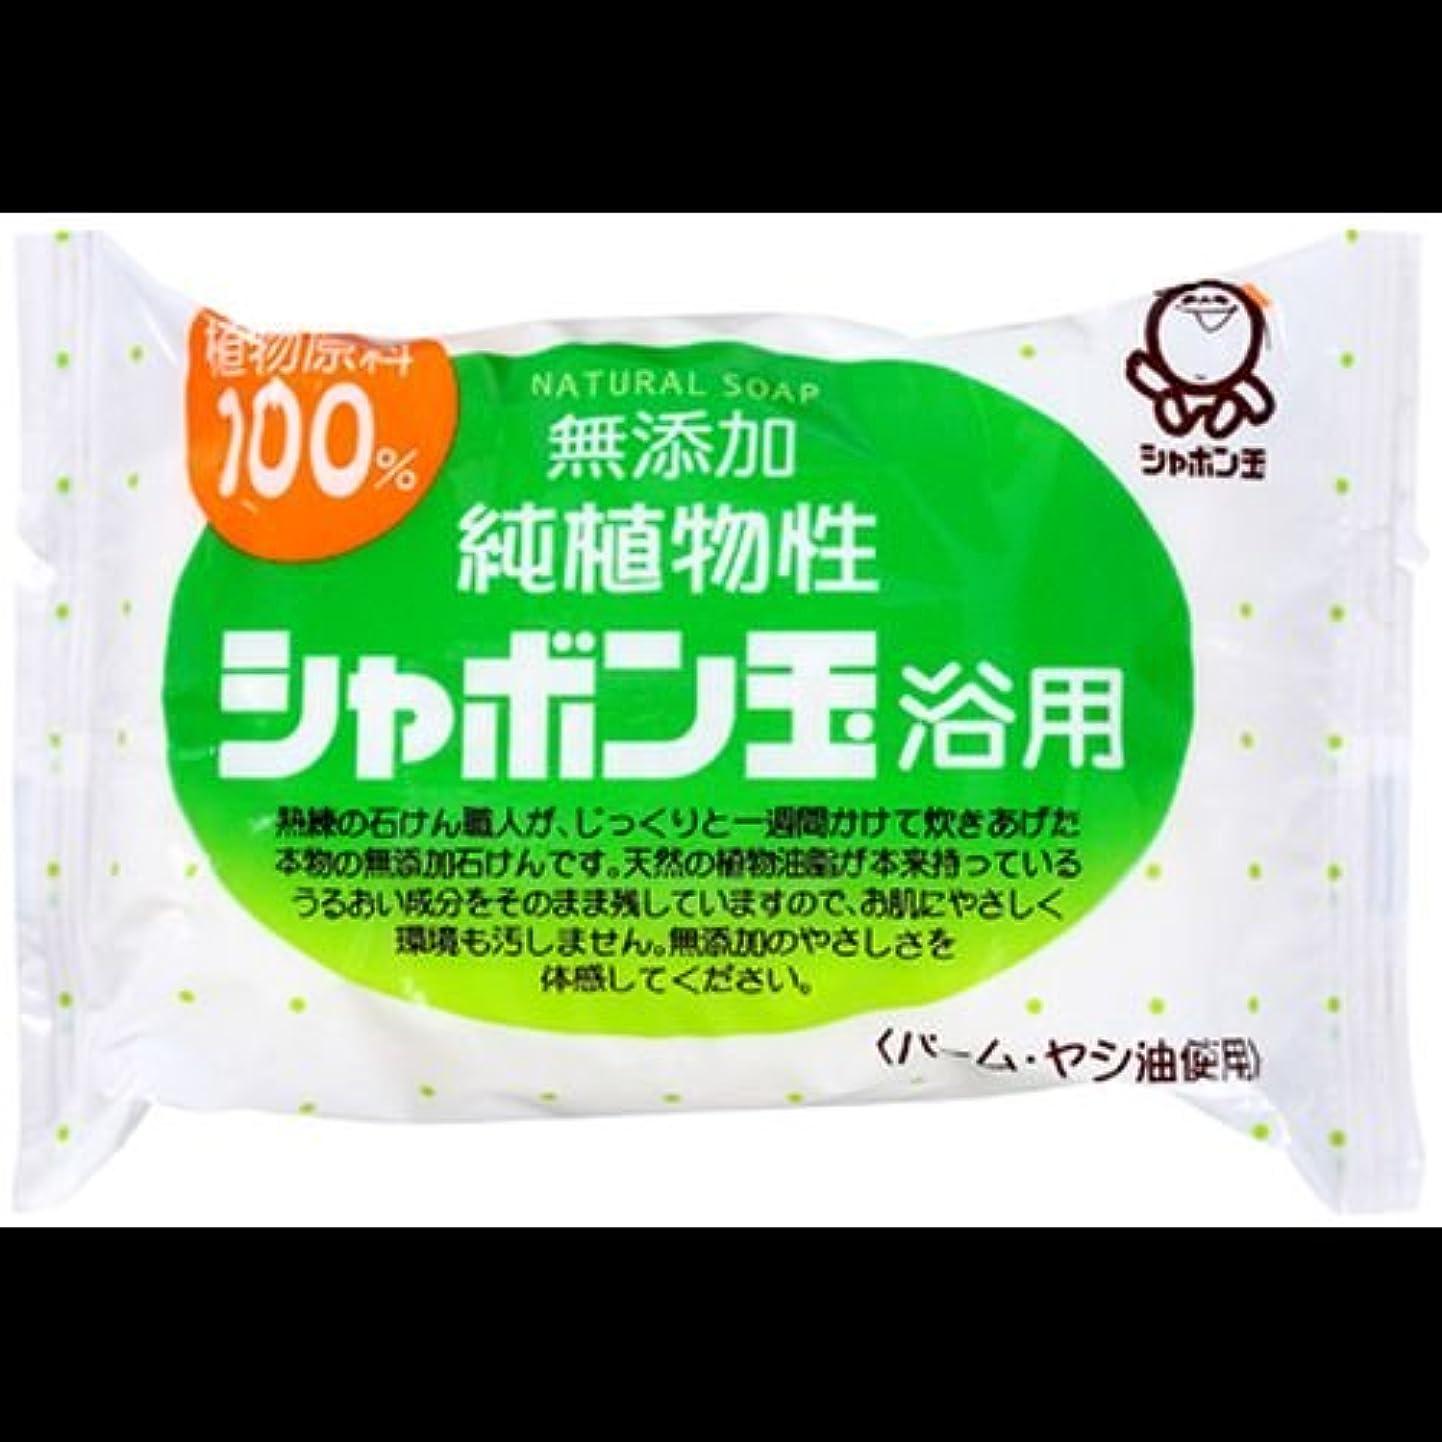 アッティカス争う勧告【まとめ買い】シャボン玉 無添加 純植物性 シャボン玉浴用石けん 純植物性 100g ×2セット